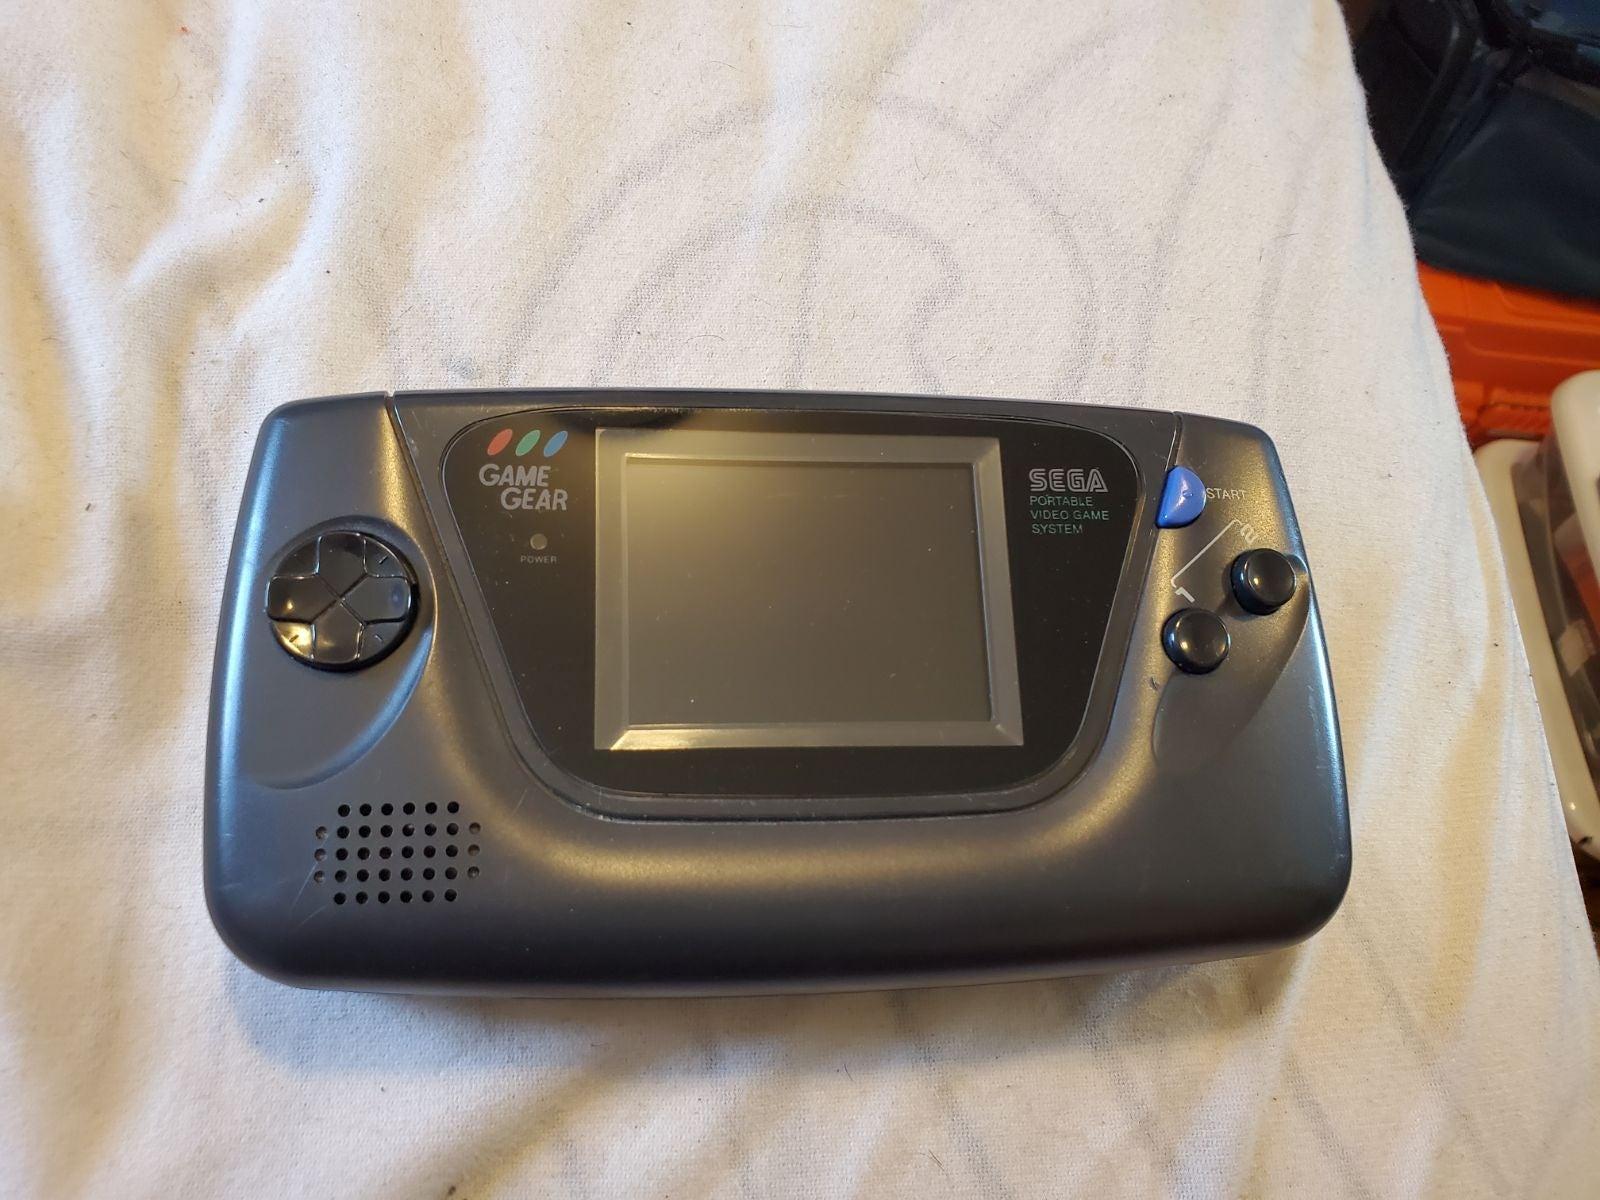 Sega Game Gear Recapped